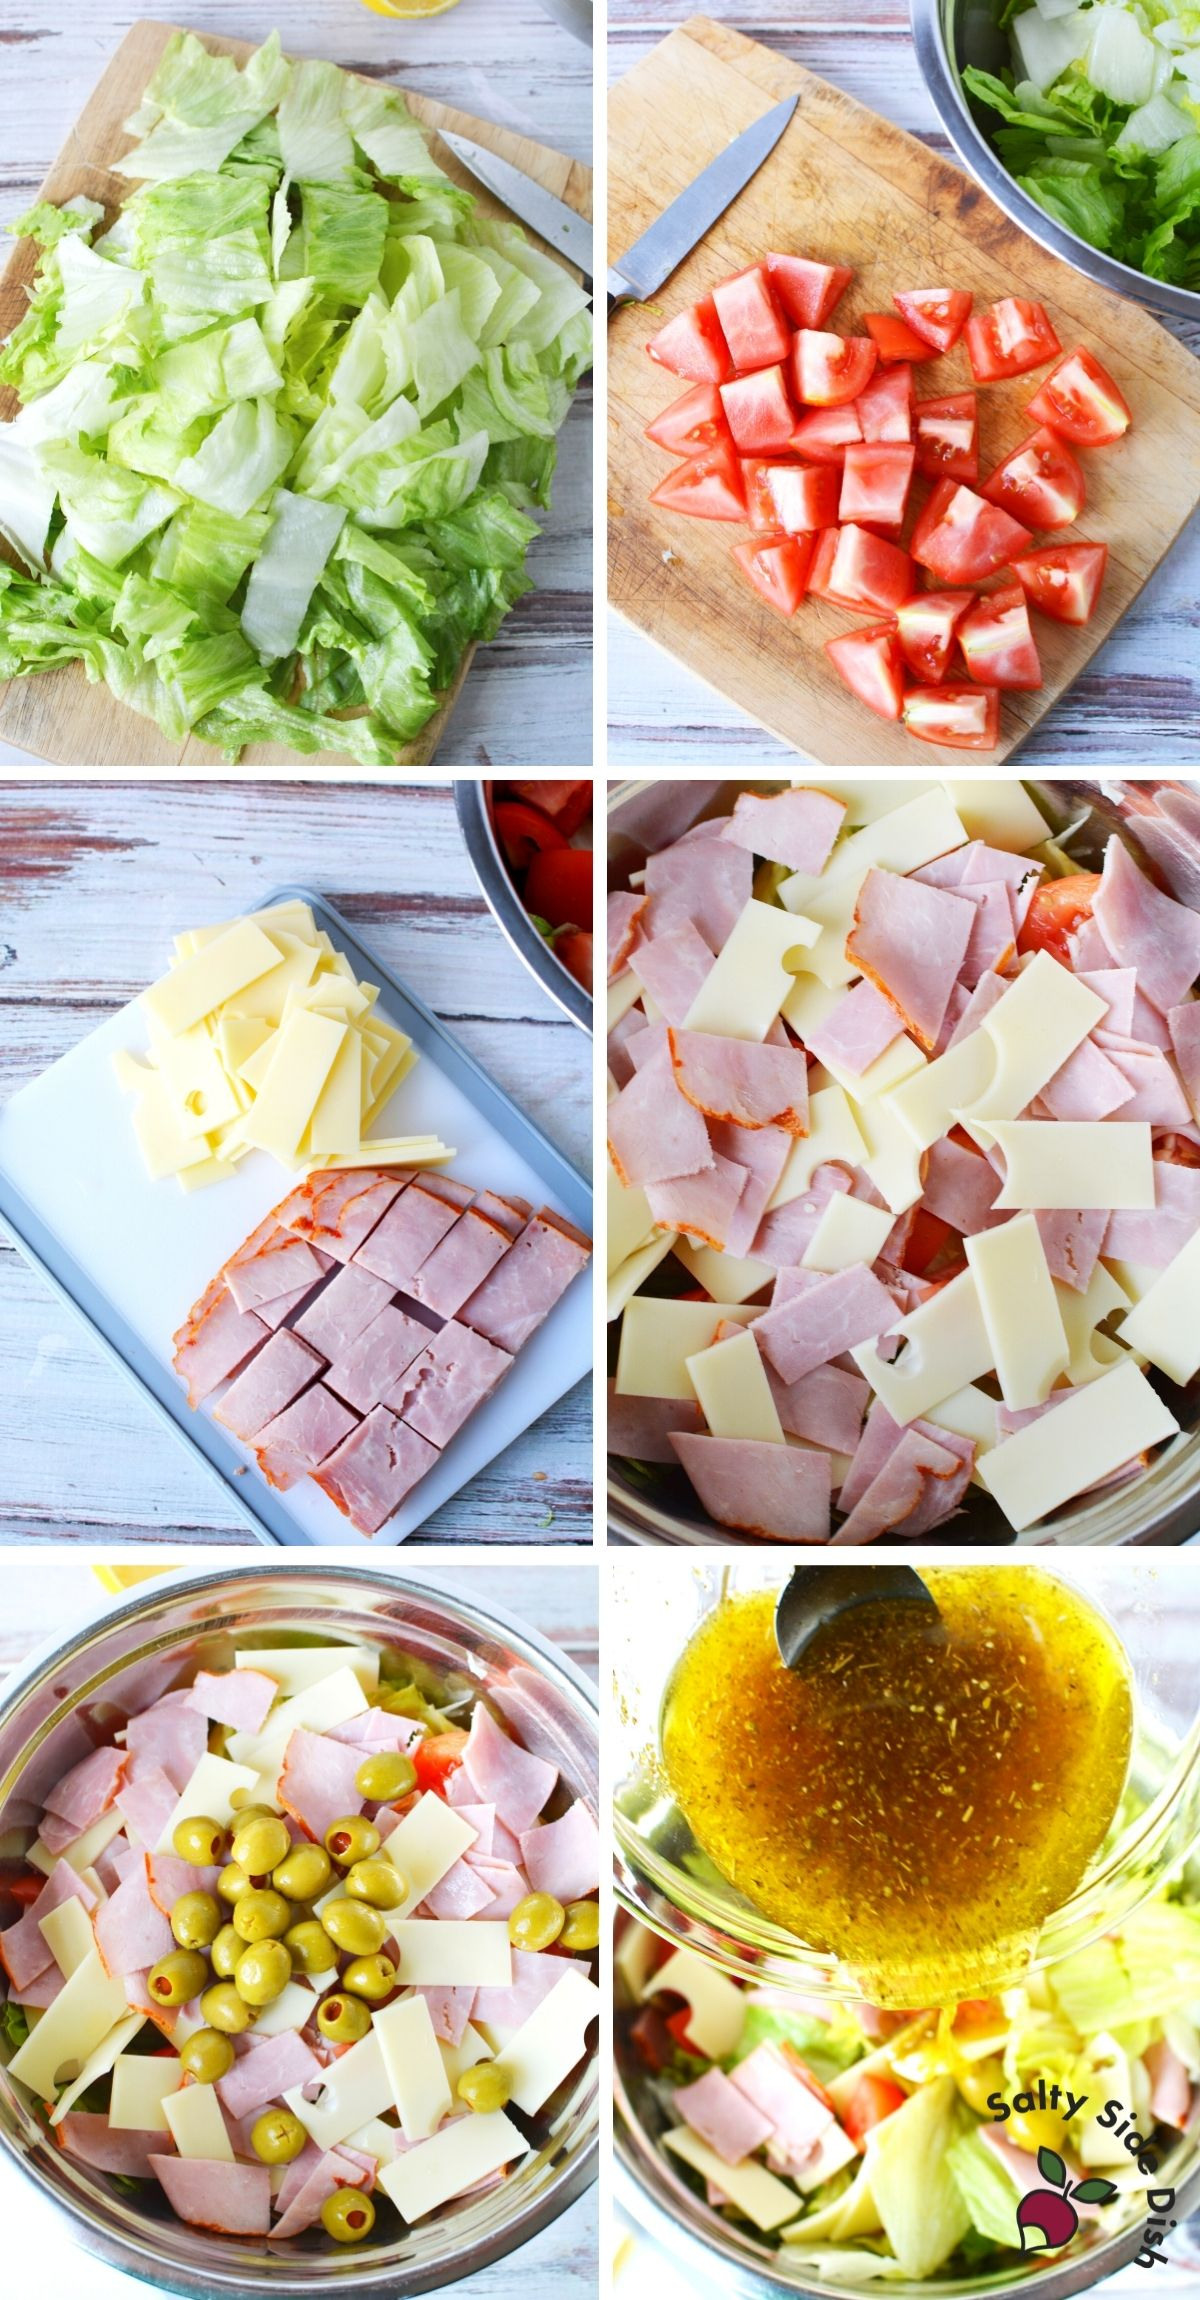 Columbia salad recipe